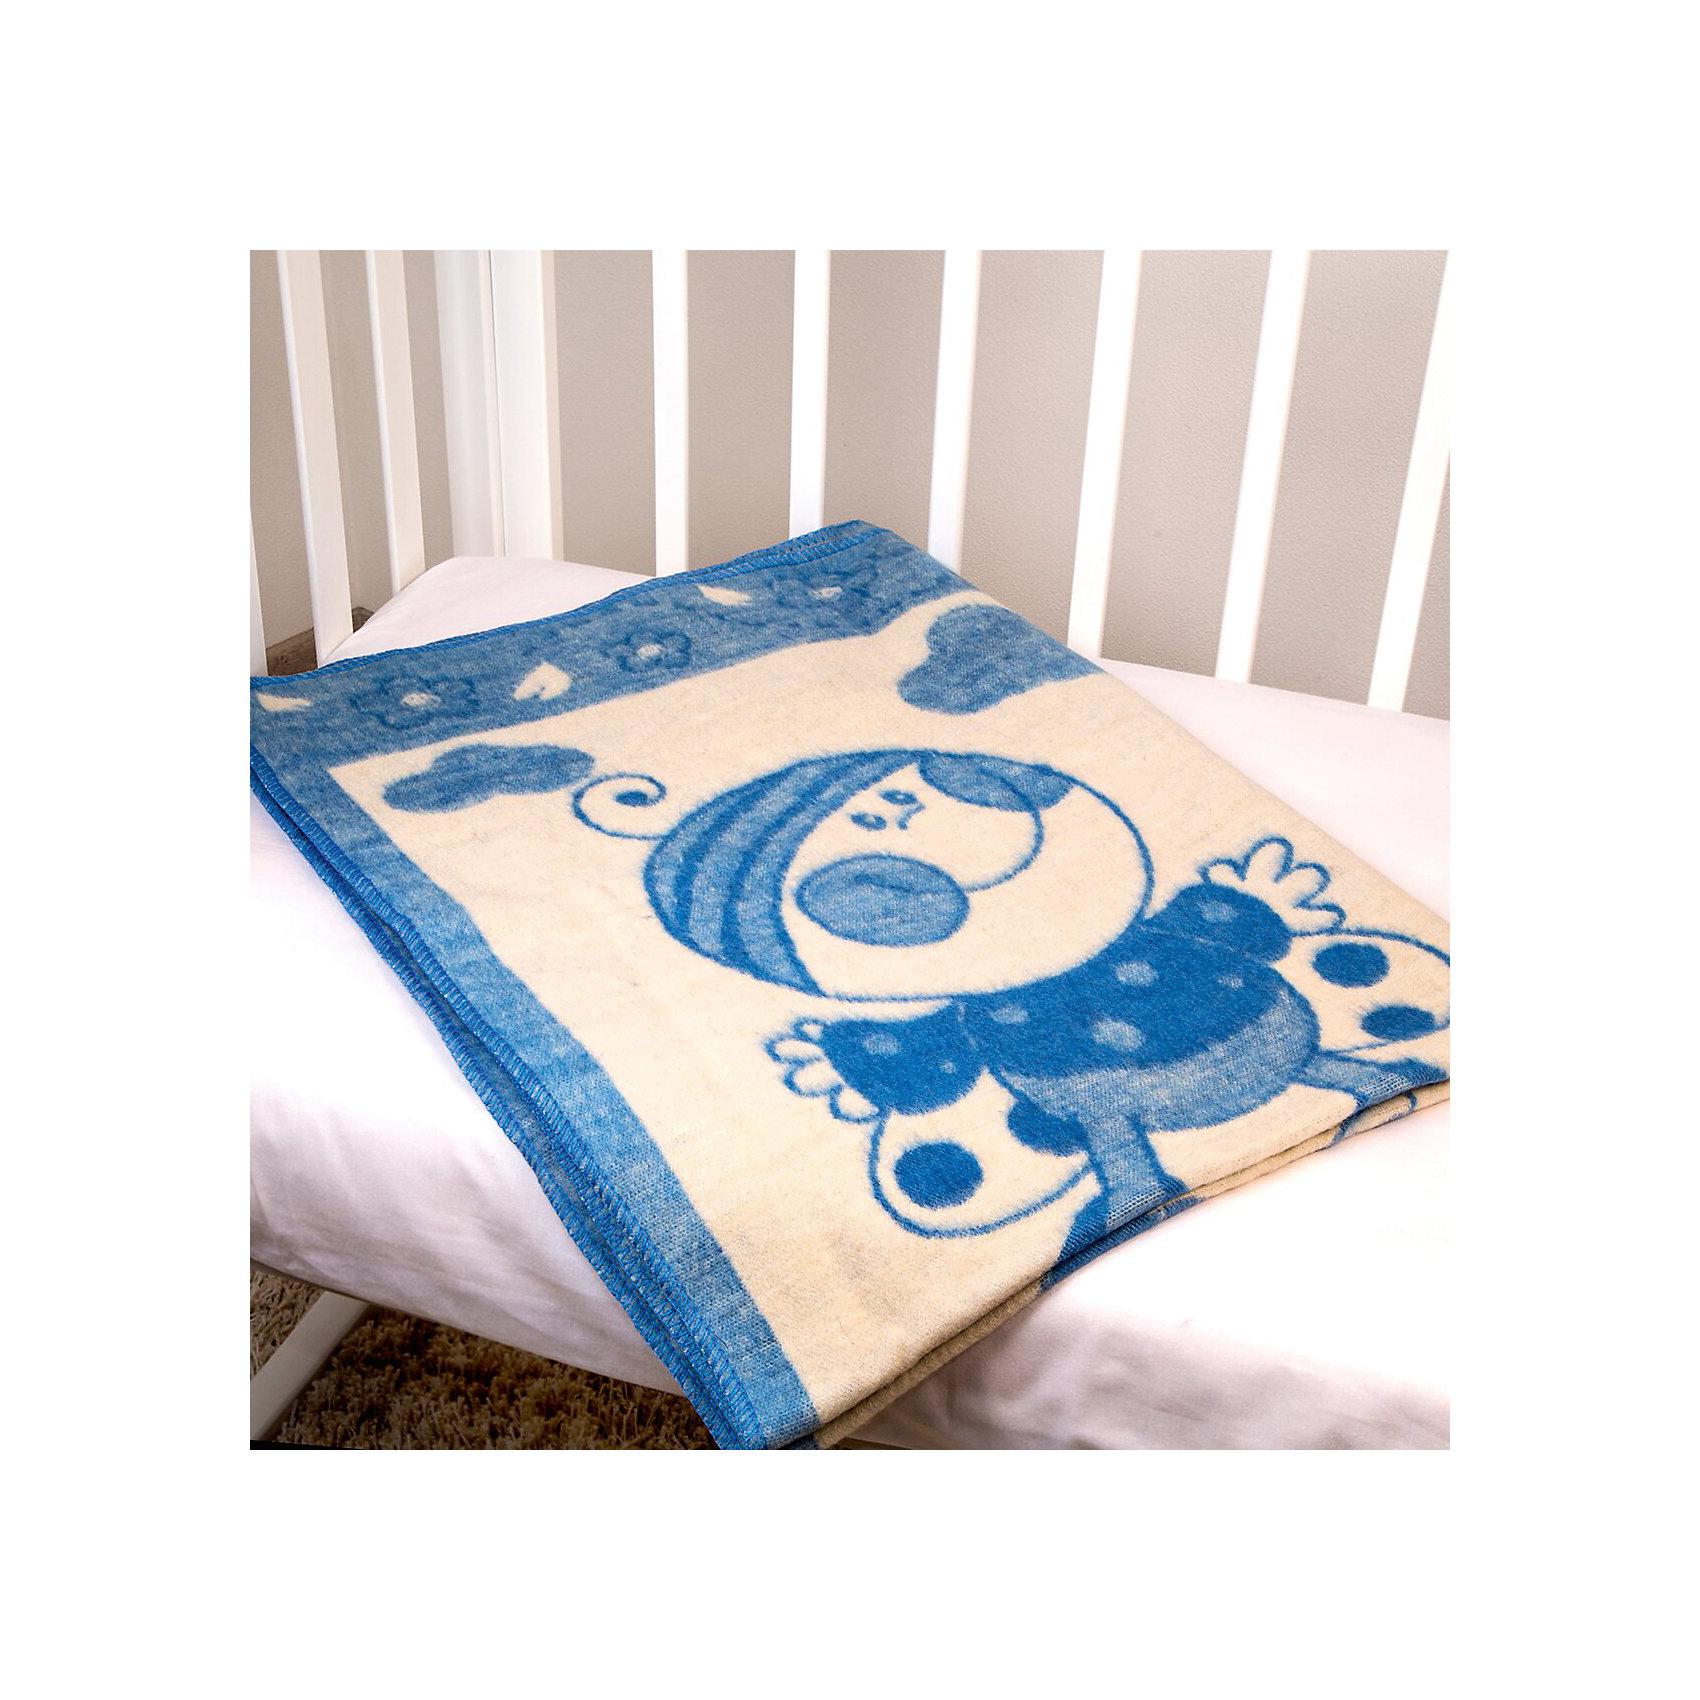 Одеяло байковое Букашки, 100х140, Baby Nice, голубойПостельные принадлежности для детей должны быть качественными и безопасными. Это одеяло разработано специально для малышей, оно обеспечивает комфорт на всю ночь. Одеяло украшено симпатичным принтом.<br>Одеяло сшито из натурального дышащего хлопка, приятного на ощупь. Он не вызывает аллергии, что особенно важно для малышей. Оно обеспечит хорошую терморегуляцию, а значит - крепкий сон. Одеяло сделано из высококачественных материалов, безопасных для ребенка.<br><br>Дополнительная информация:<br><br>цвет: голубой;<br>материал: хлопок, жаккард;<br>принт;<br>размер: 100 х 140 см.<br><br>Одеяло байковое Букашки, 100х140 от компании Baby Nice можно купить в нашем магазине.<br><br>Ширина мм: 230<br>Глубина мм: 250<br>Высота мм: 40<br>Вес г: 500<br>Возраст от месяцев: 0<br>Возраст до месяцев: 36<br>Пол: Унисекс<br>Возраст: Детский<br>SKU: 4941748